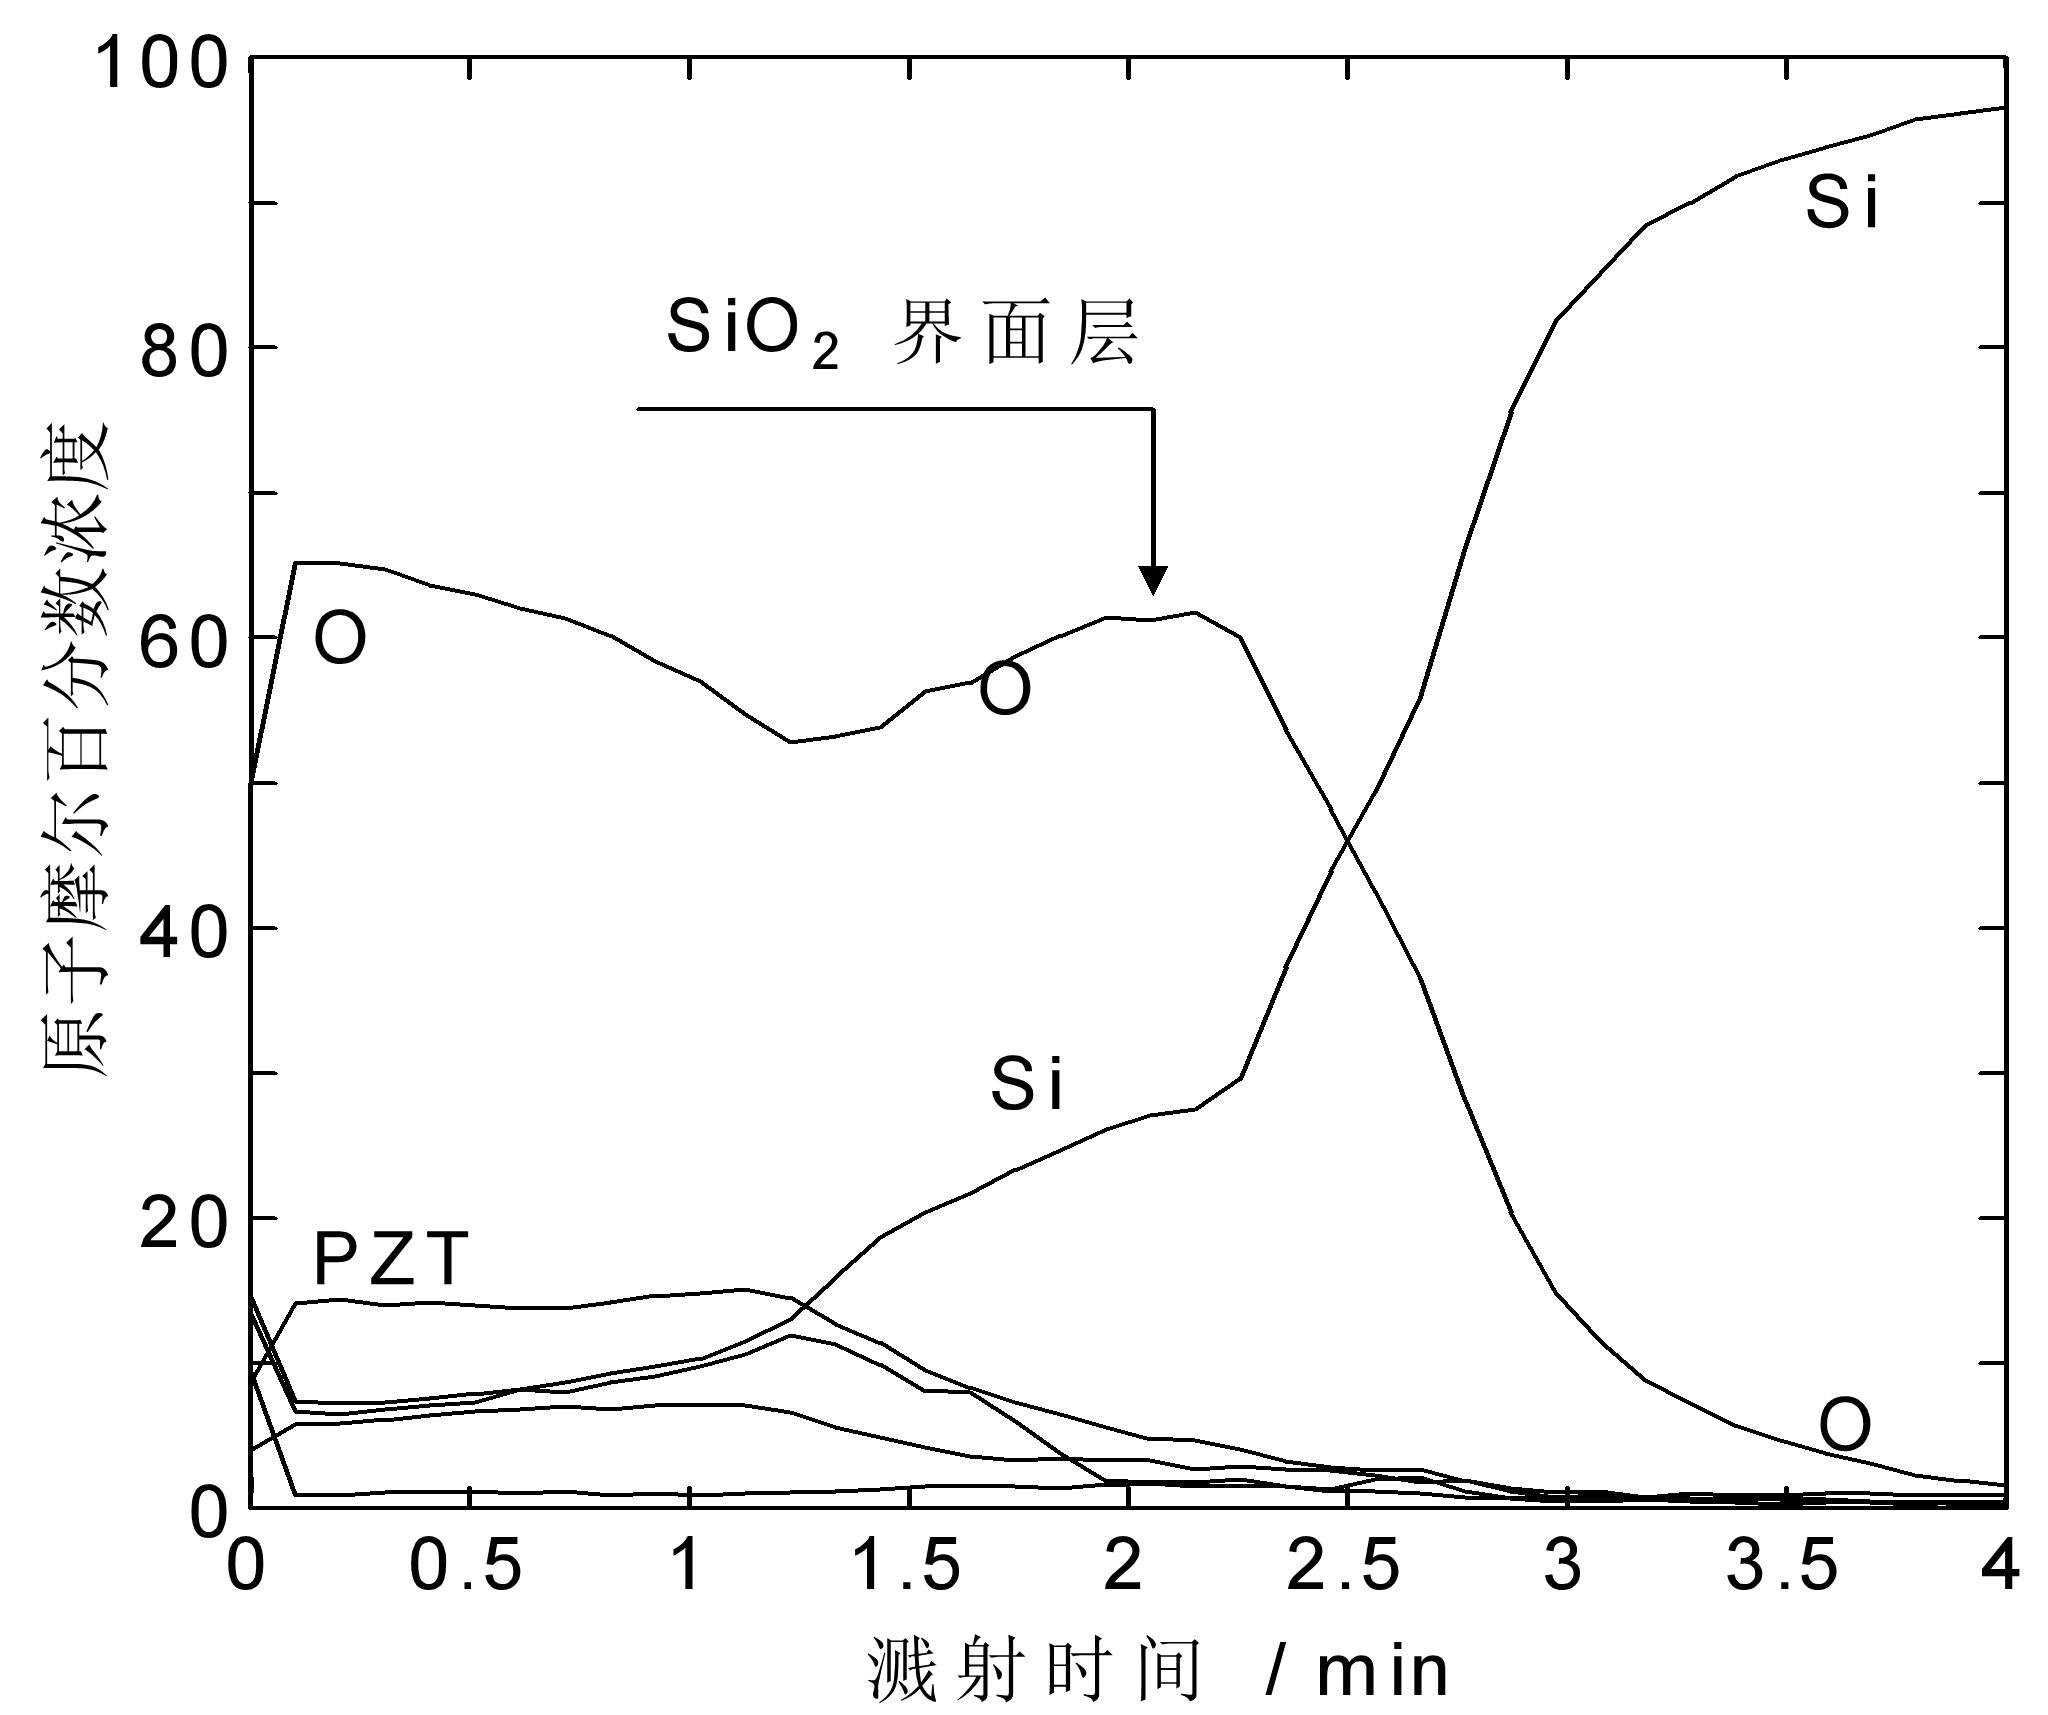 图7PZT/Si薄膜界面反应后的典型的俄歇深度分析图